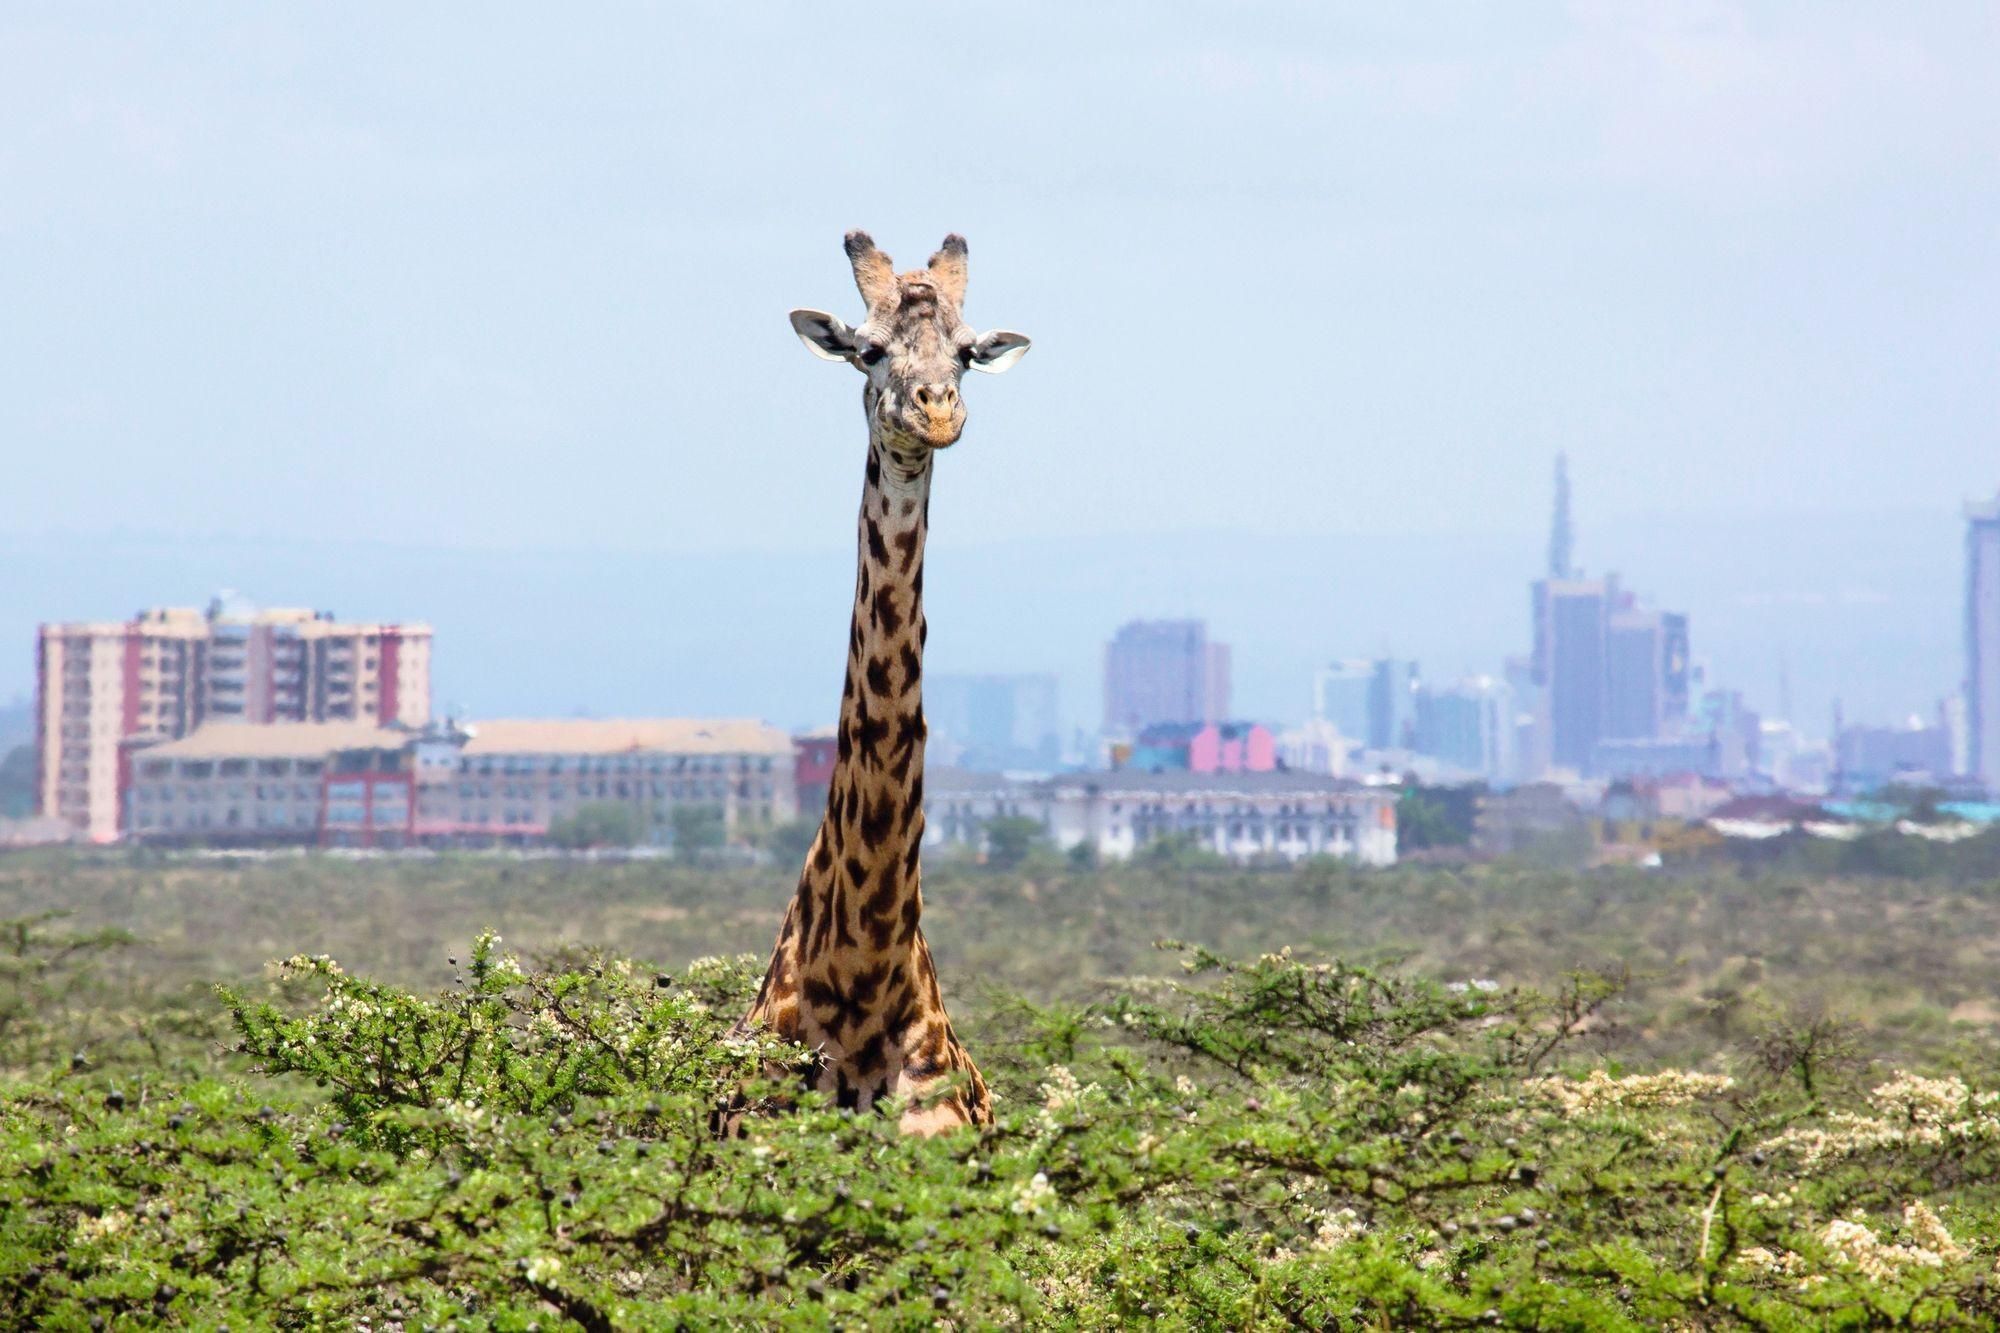 Le parc naturel de Nairobi menacé par l'urbanisation